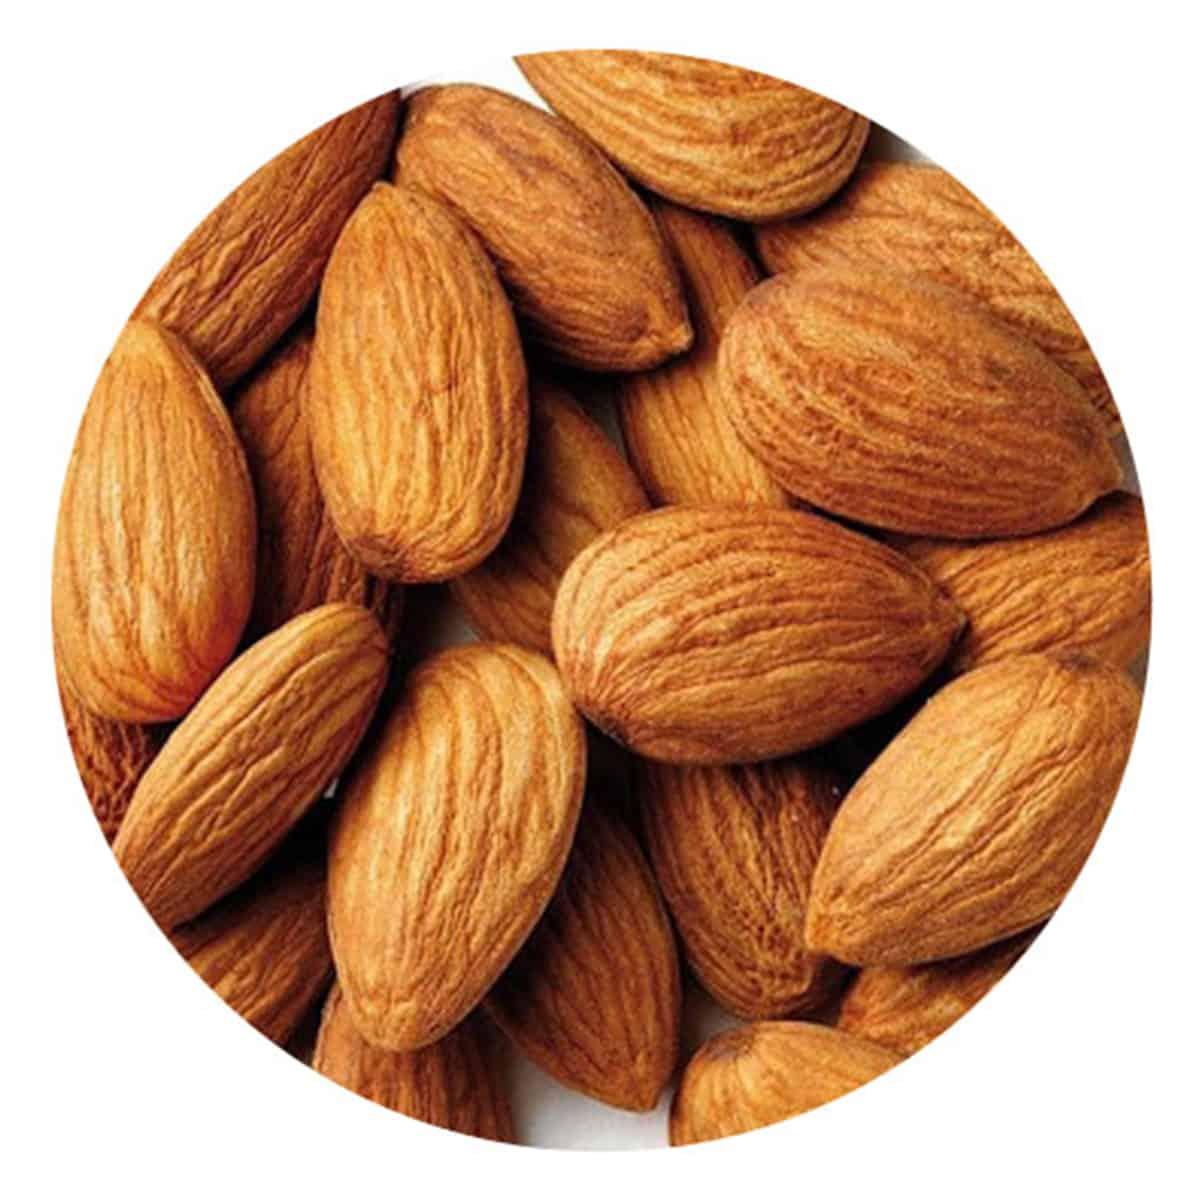 Buy IAG Foods Almond Nuts - 1 kg